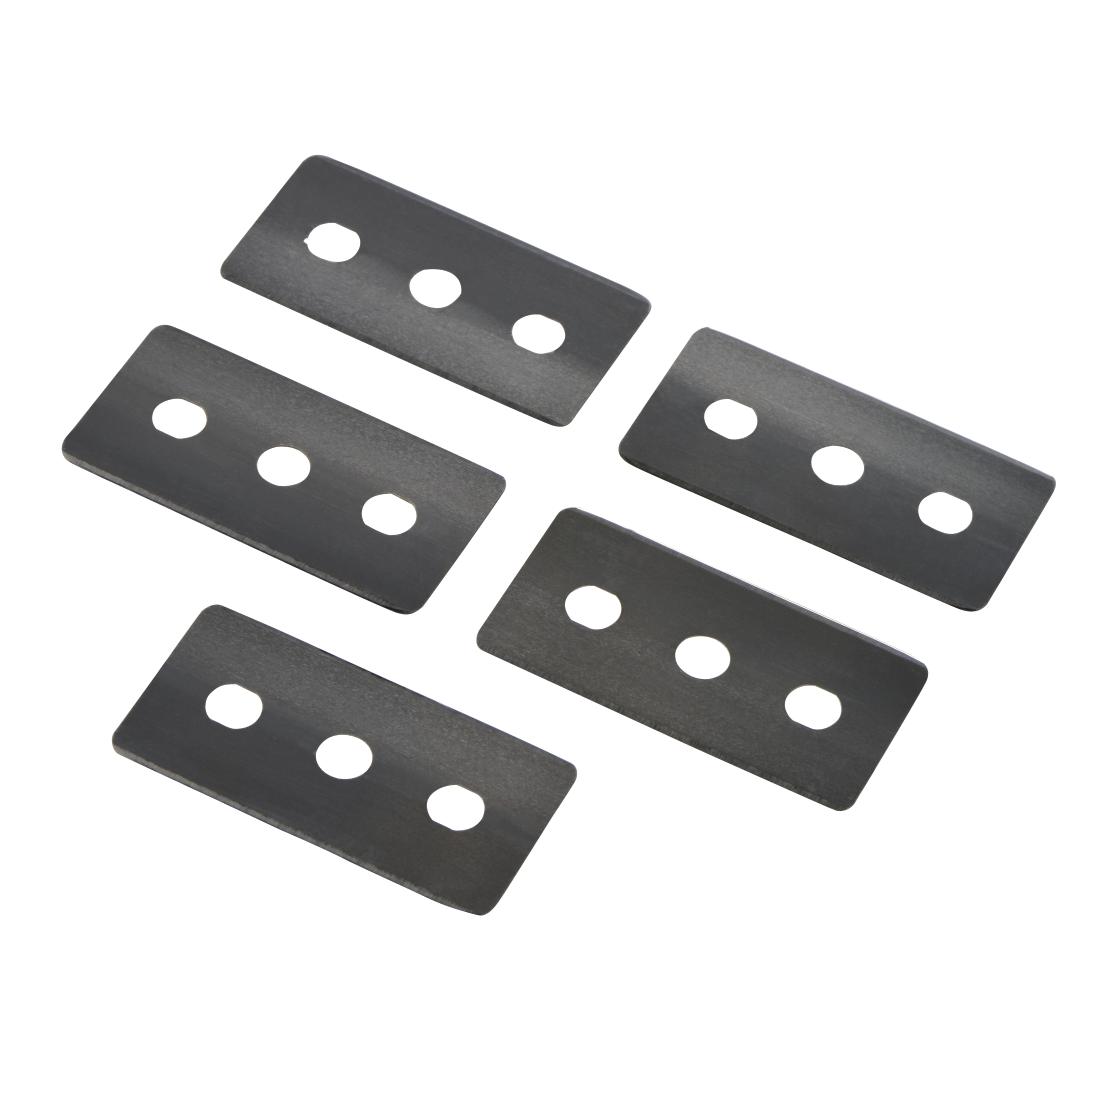 00111096 xavax lames de rechange pour racloir sp cial tables de cuisson vitroc ramiques. Black Bedroom Furniture Sets. Home Design Ideas